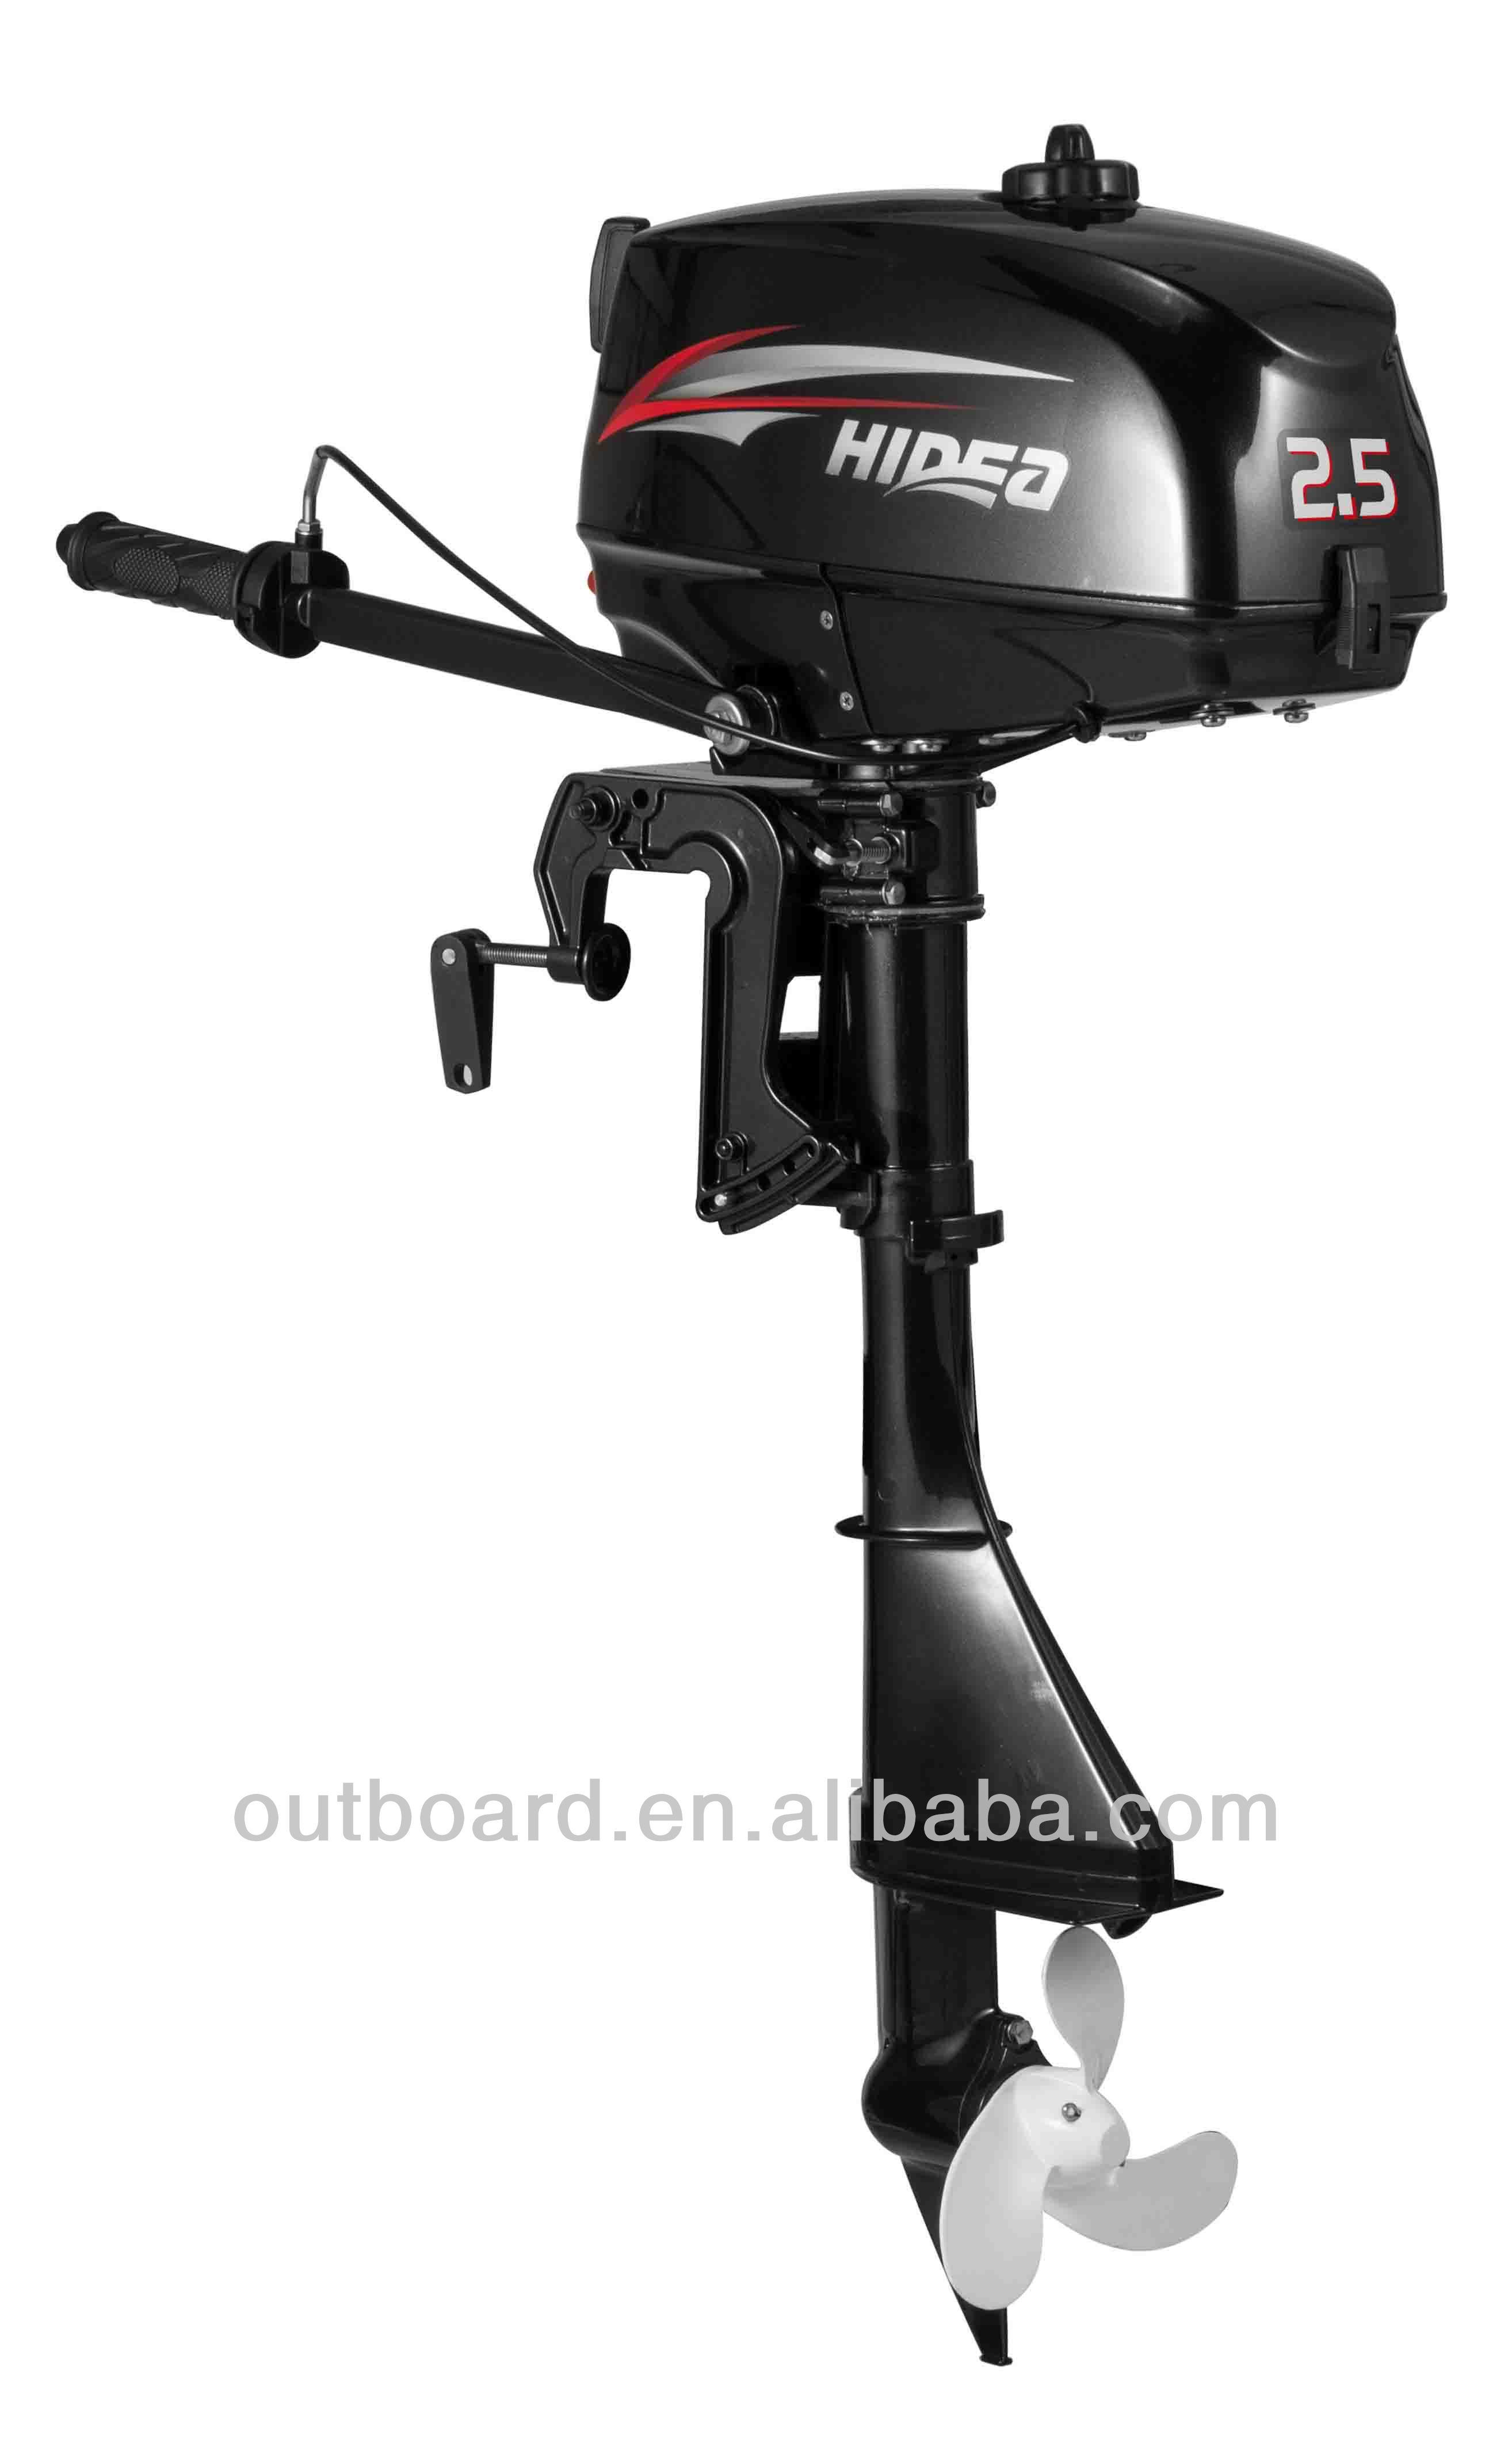 Hidea brand 2 stroke boat motor outboard motor buy Two stroke outboard motors